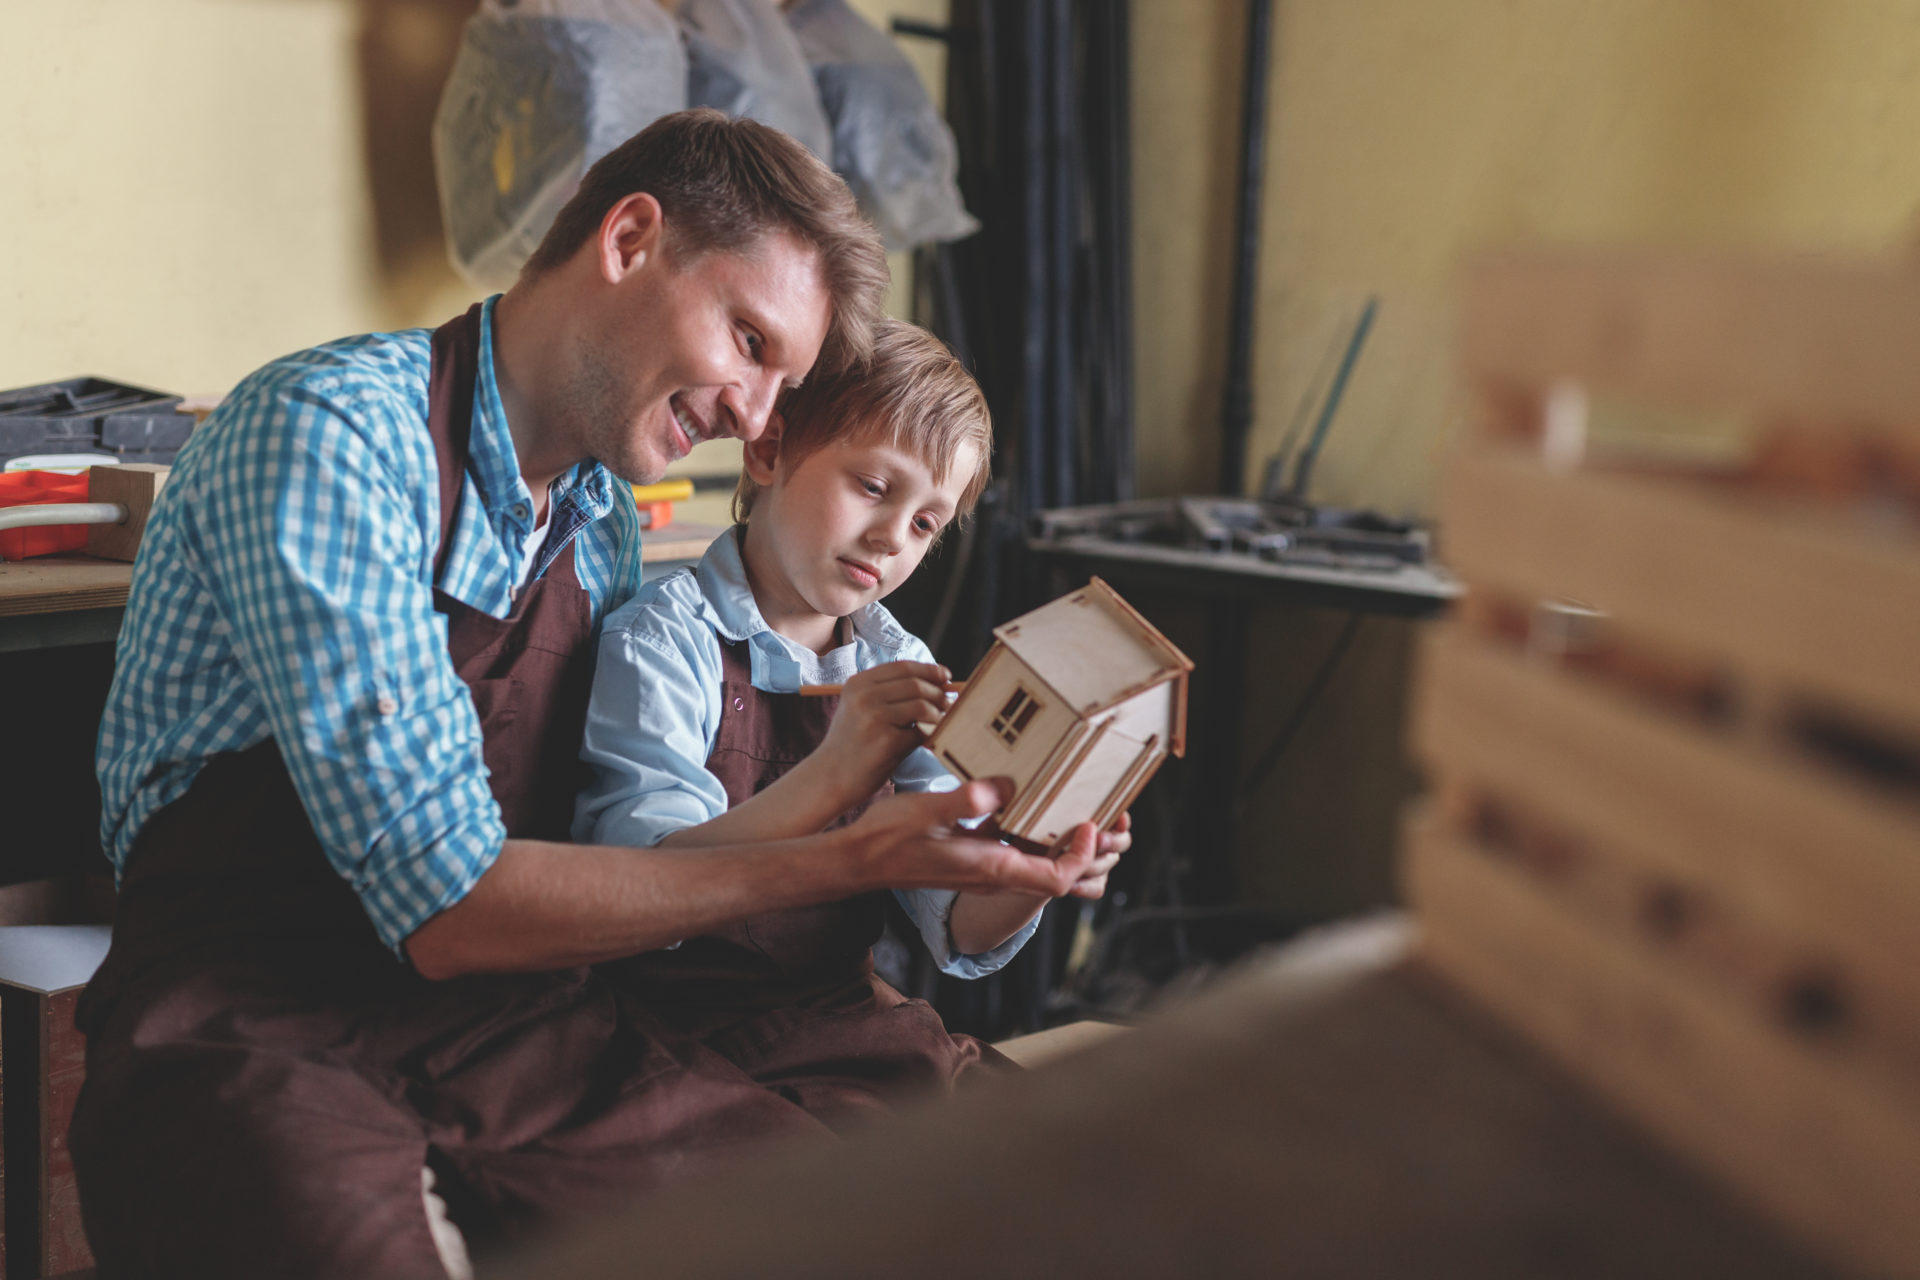 プログラミング教室が活況ですが、果たして子供をプログラミング教室に通わせる必要はあるのでしょうか? ここでは、家庭学習の方法について紹介します。